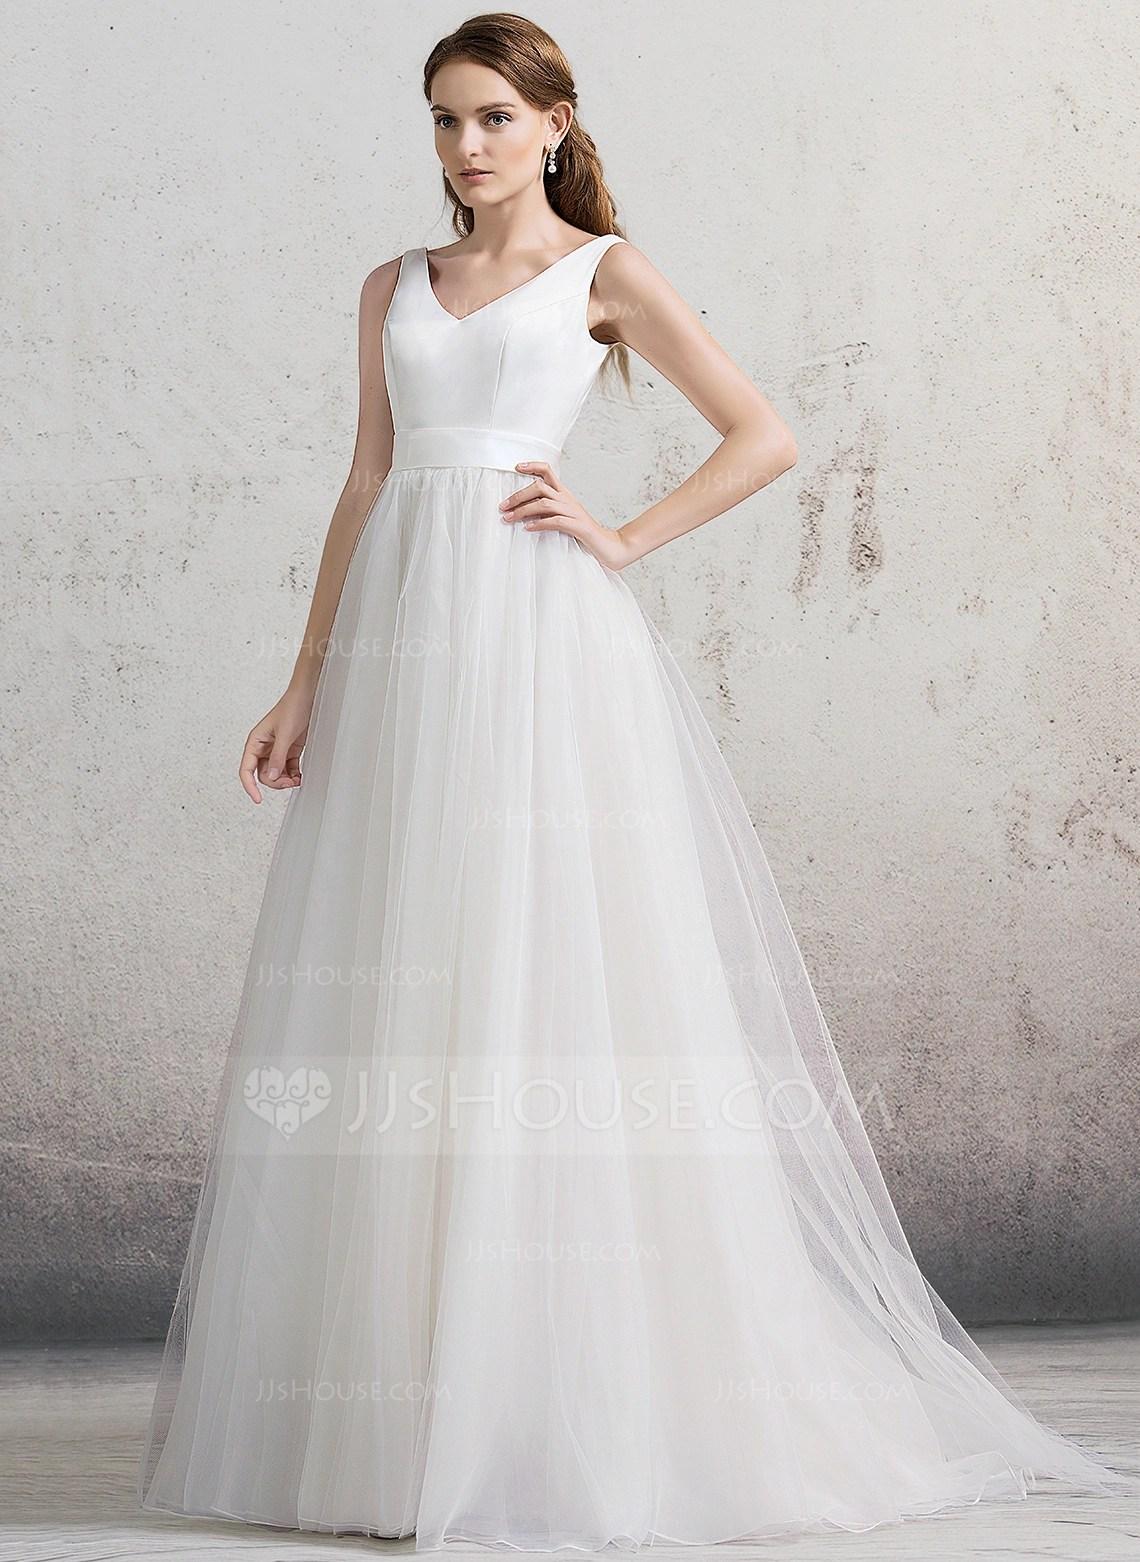 BallGown Vneck Court Train Tulle Wedding Dress